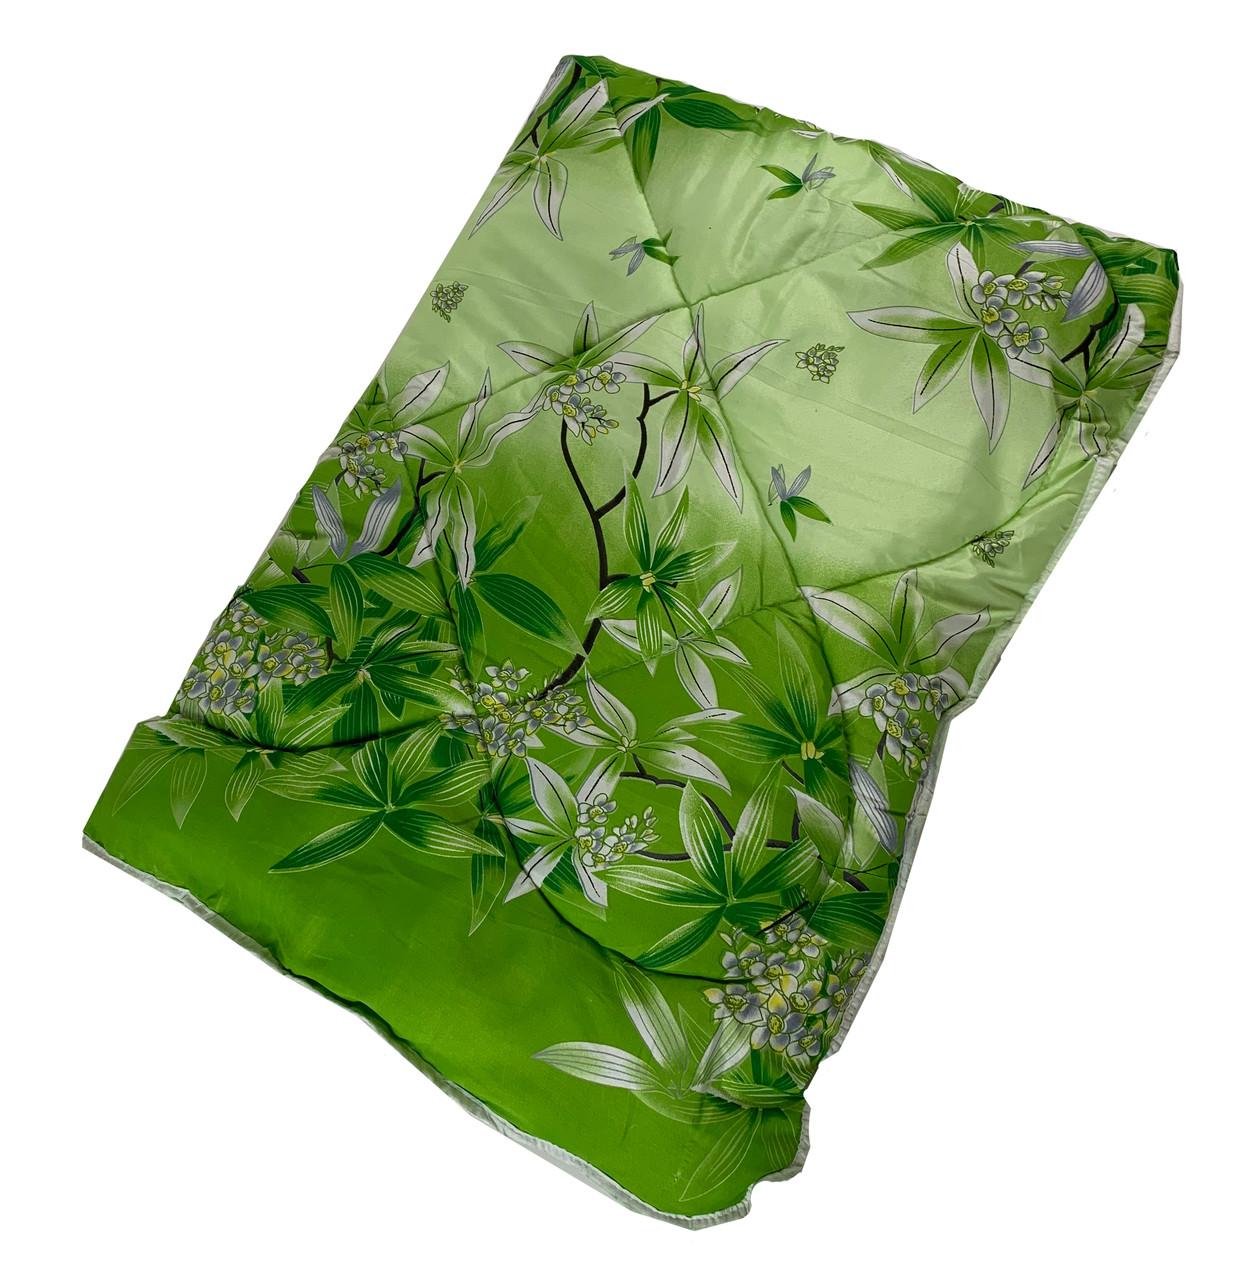 Одеяло полуторное холлофайбер 150*200 см, Украина